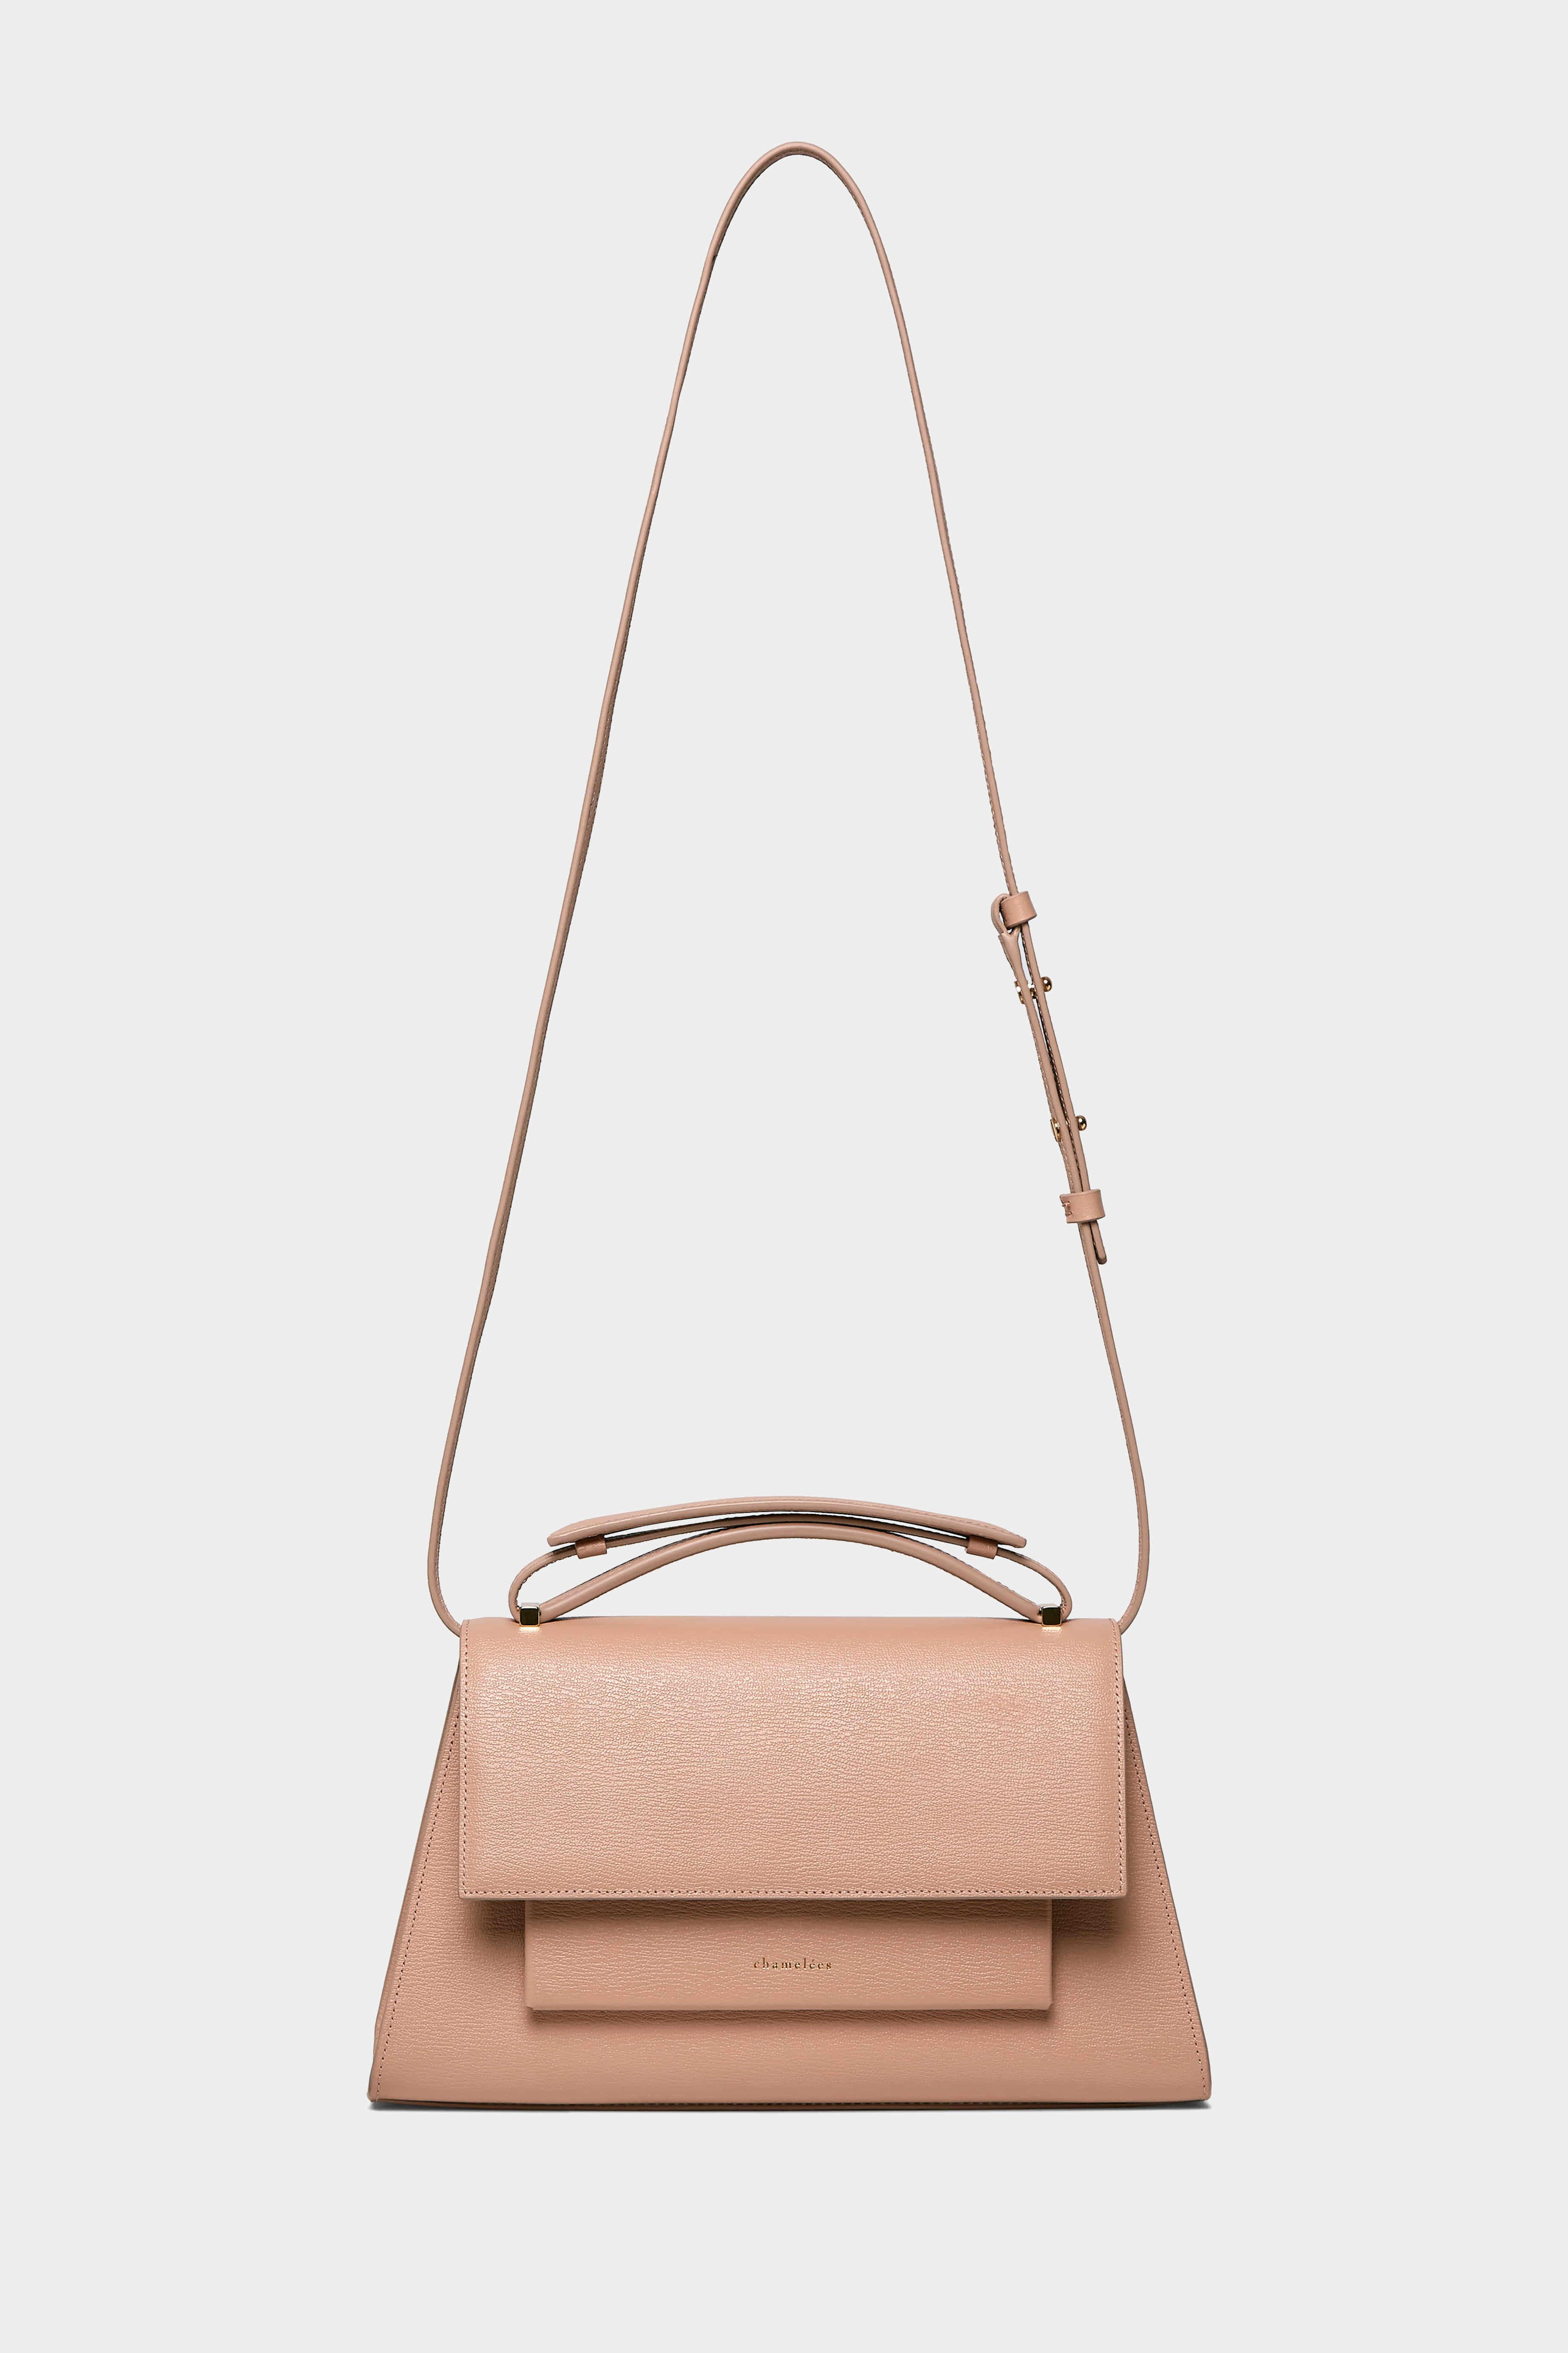 마땡백 MATIN II SHOULDER BAG IN ROSE BEIGE 챠멜리 공식 온라인 스토어 - chamelees.com